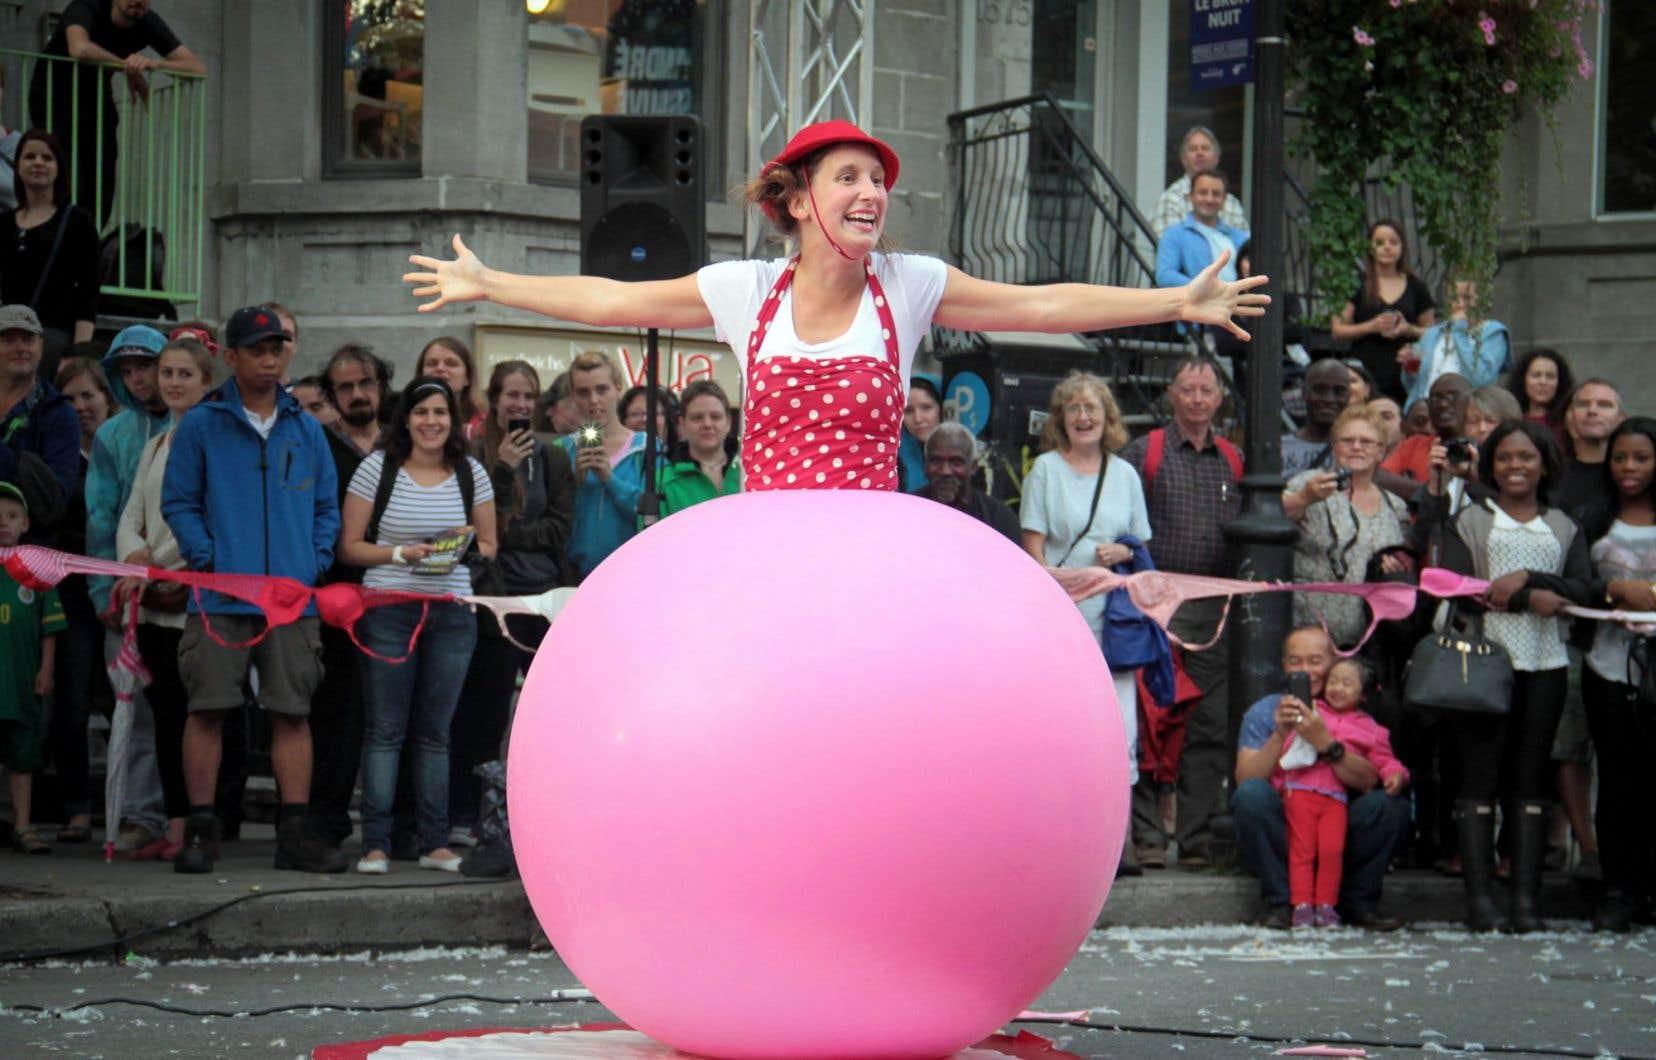 Les arts de la rue sont l'autre grand volet de ce festival créé par la Société de développement commercial du Quartier latin.